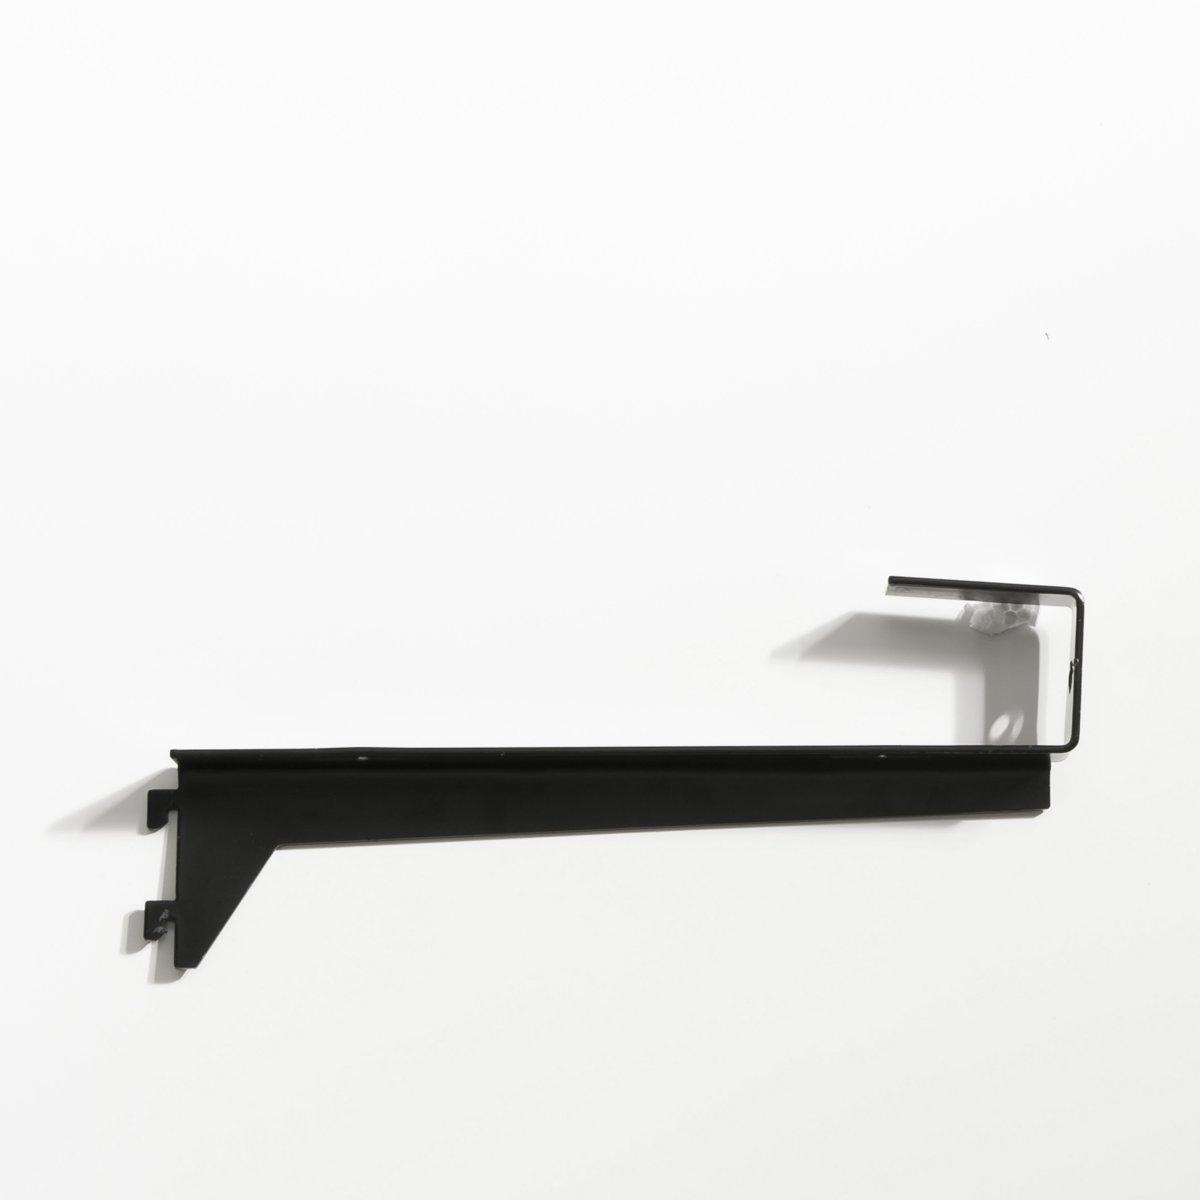 Кронштейн угловой для этажерок Kyriel (2 шт)Размеры кронштейна : Длина 22 x Ширина 9 x толщина 2,5 см . Комплект из 2 штук.Мебель для гардероба Kyriel - это эстетичная и практичная система, модулируемая при желании, созданная для любых пространств и стилей  .<br><br>Цвет: черный